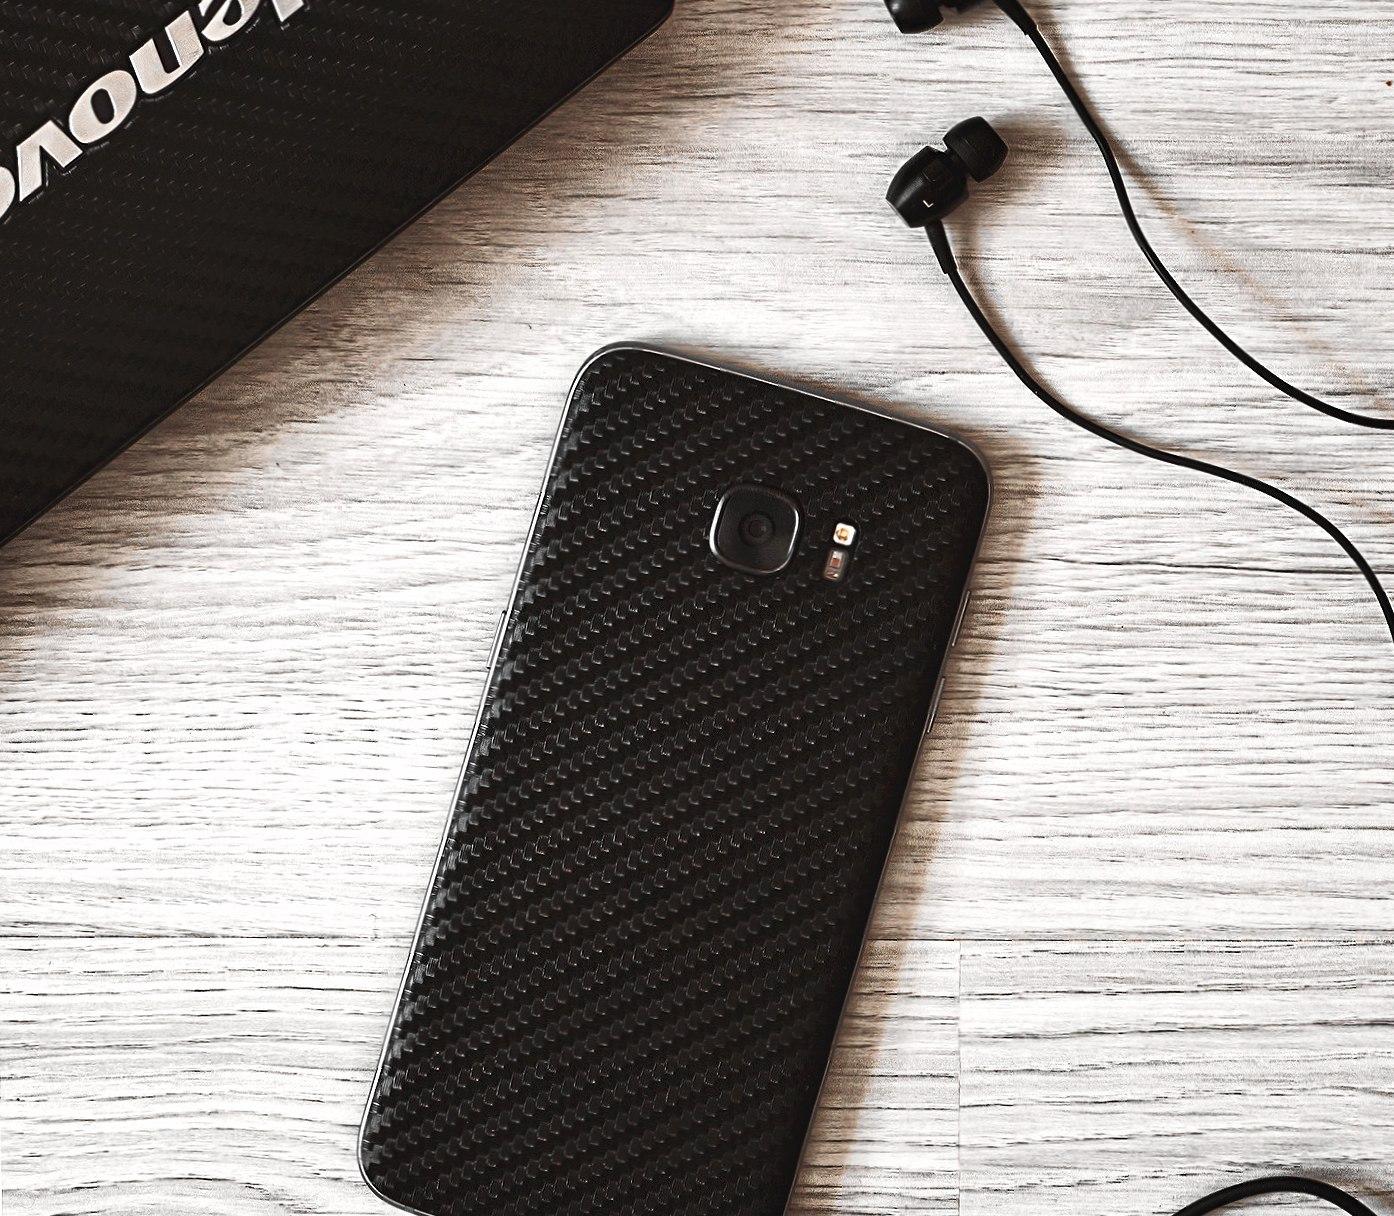 S7 Edge - Lenovo wallpapers HD quality